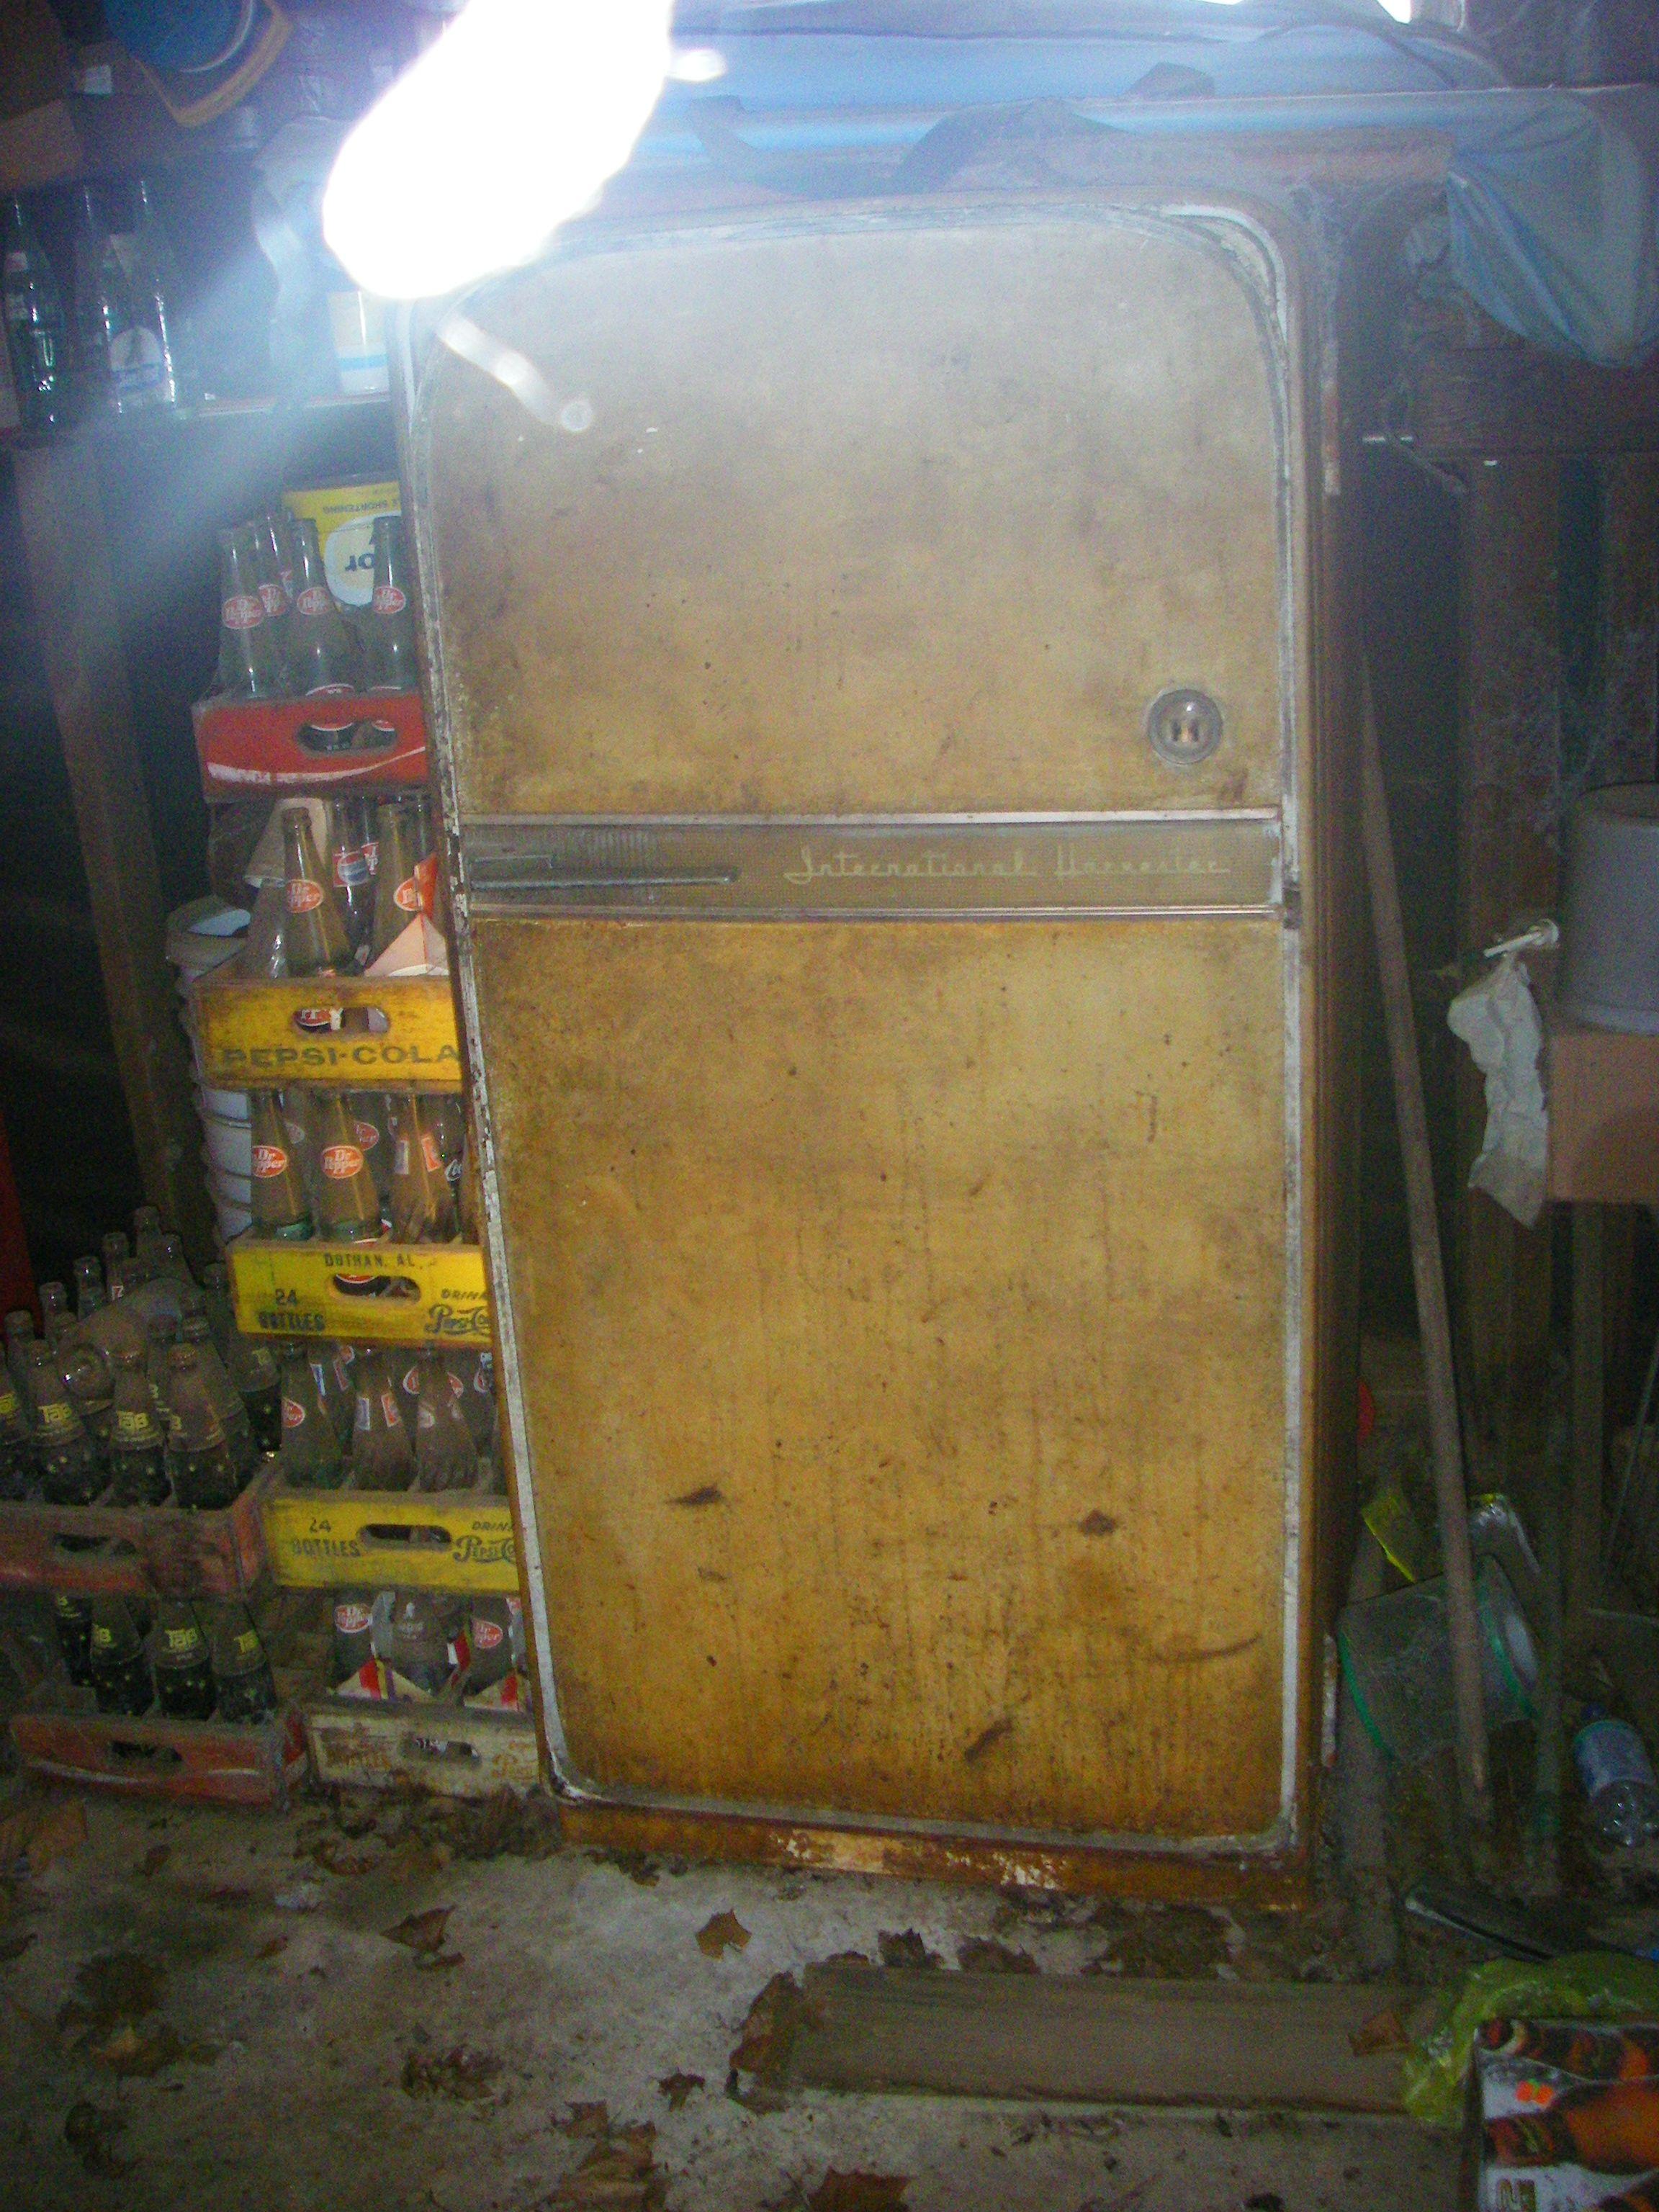 Refrigerateur Fait Par International Harvester Co A Chicago